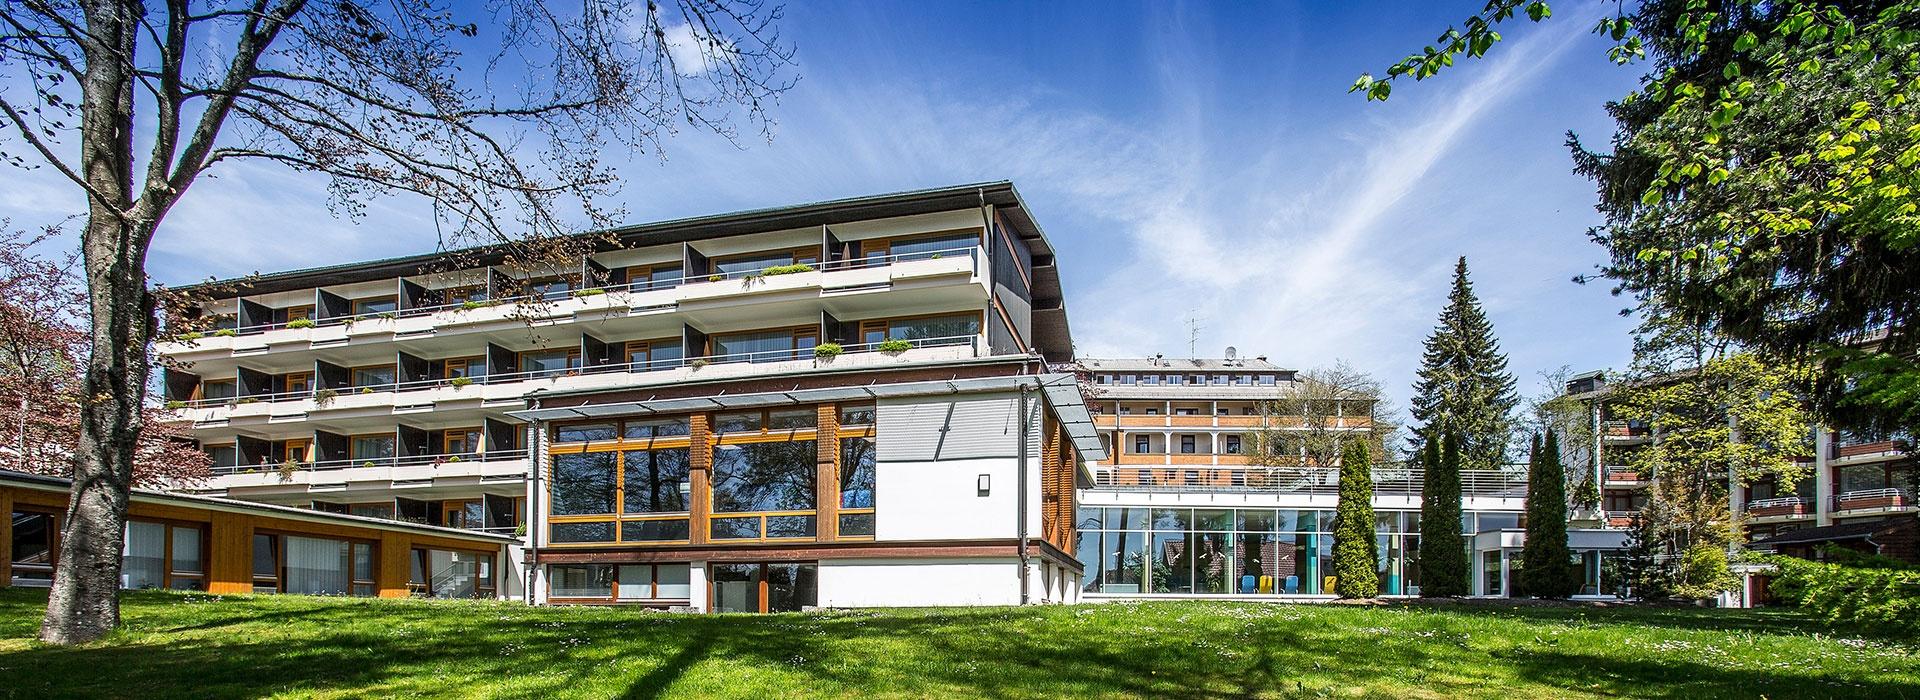 St Georg Klinik über Uns Fachklinik Porten